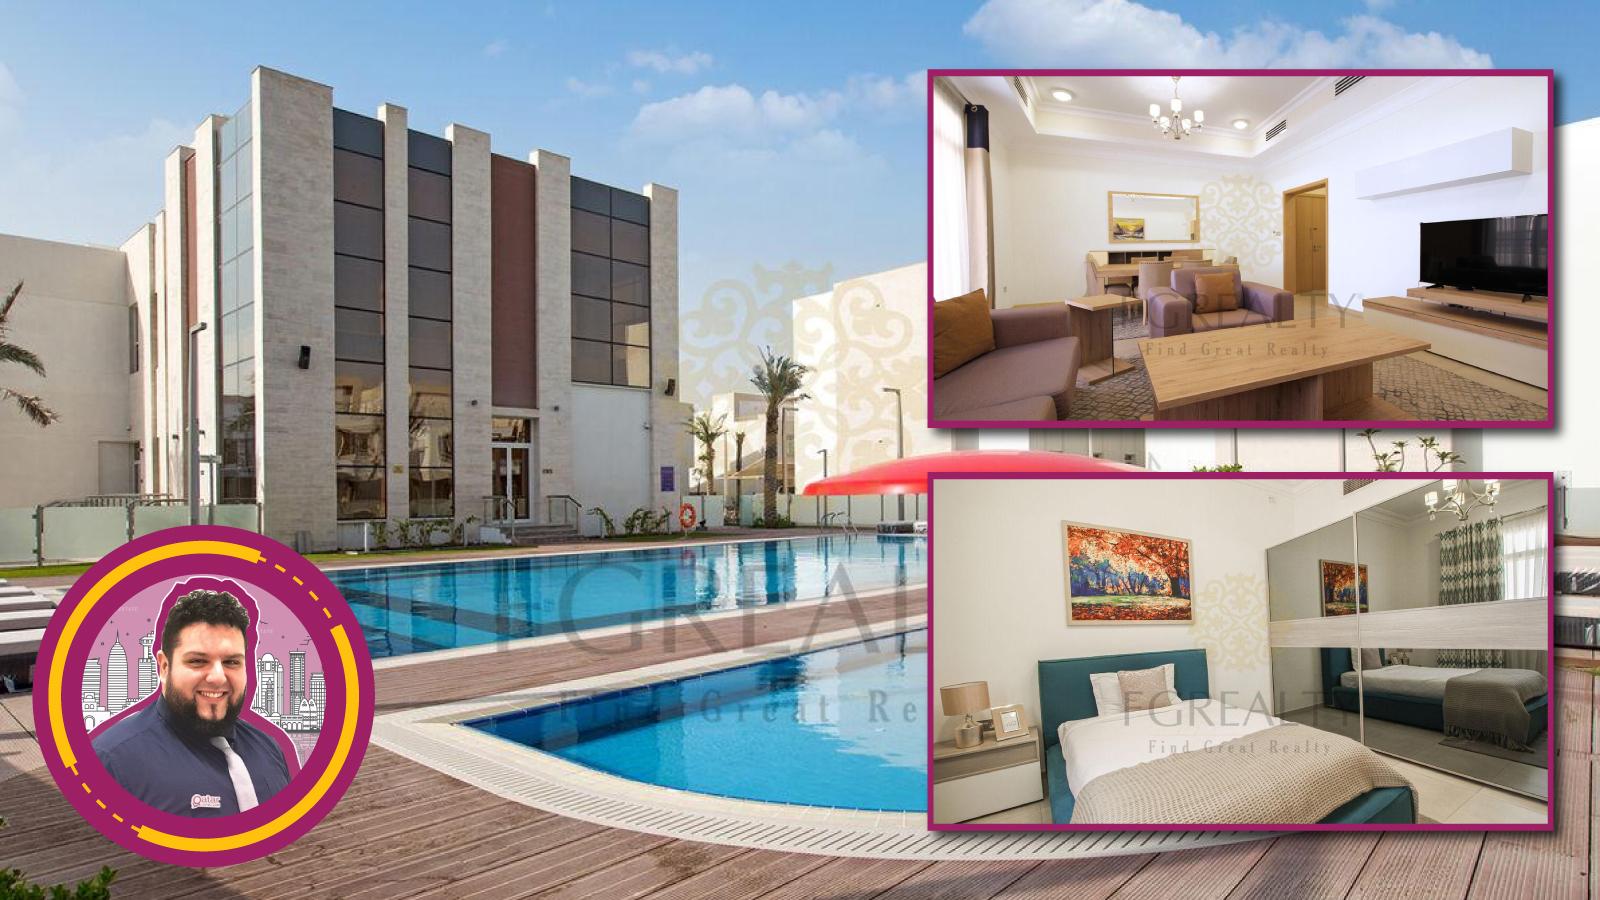 Shiraz's property pick for January La Verna Residences Al Waab